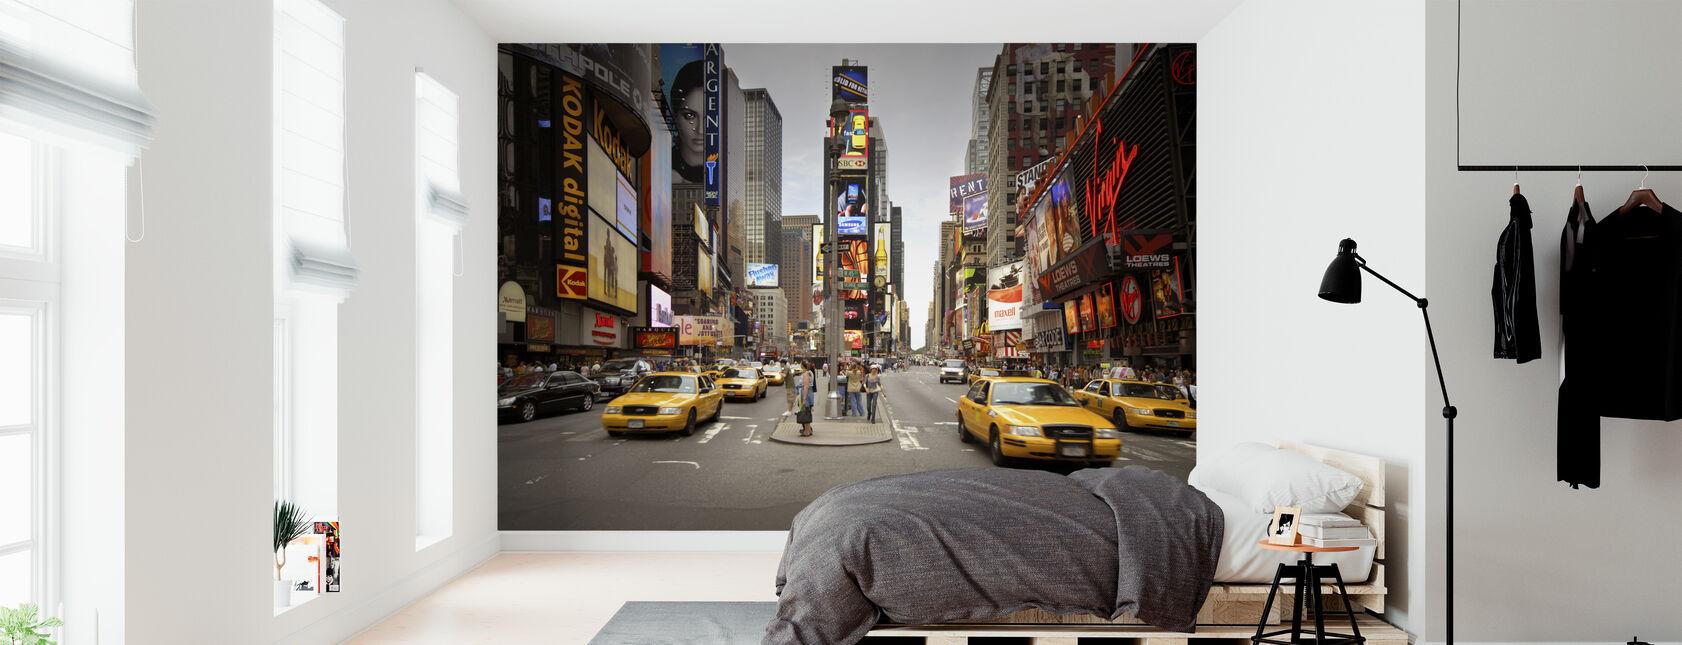 Times Square, New York, États-Unis d'Amérique - Papier peint - Chambre